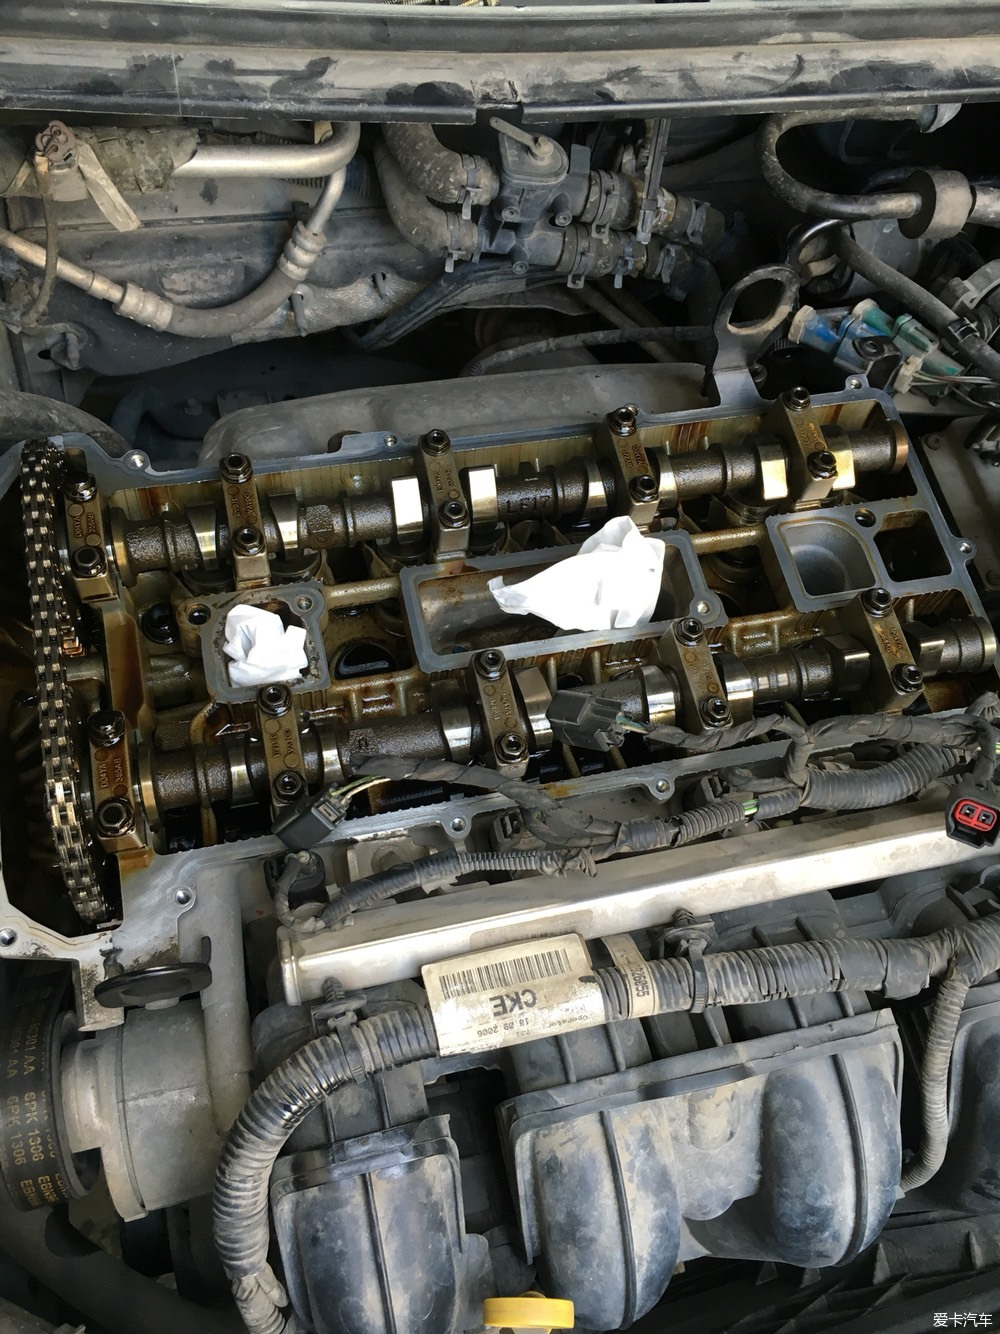 06年老福自己拆解egr阀和更换缸盖密封垫作业_福克斯图片